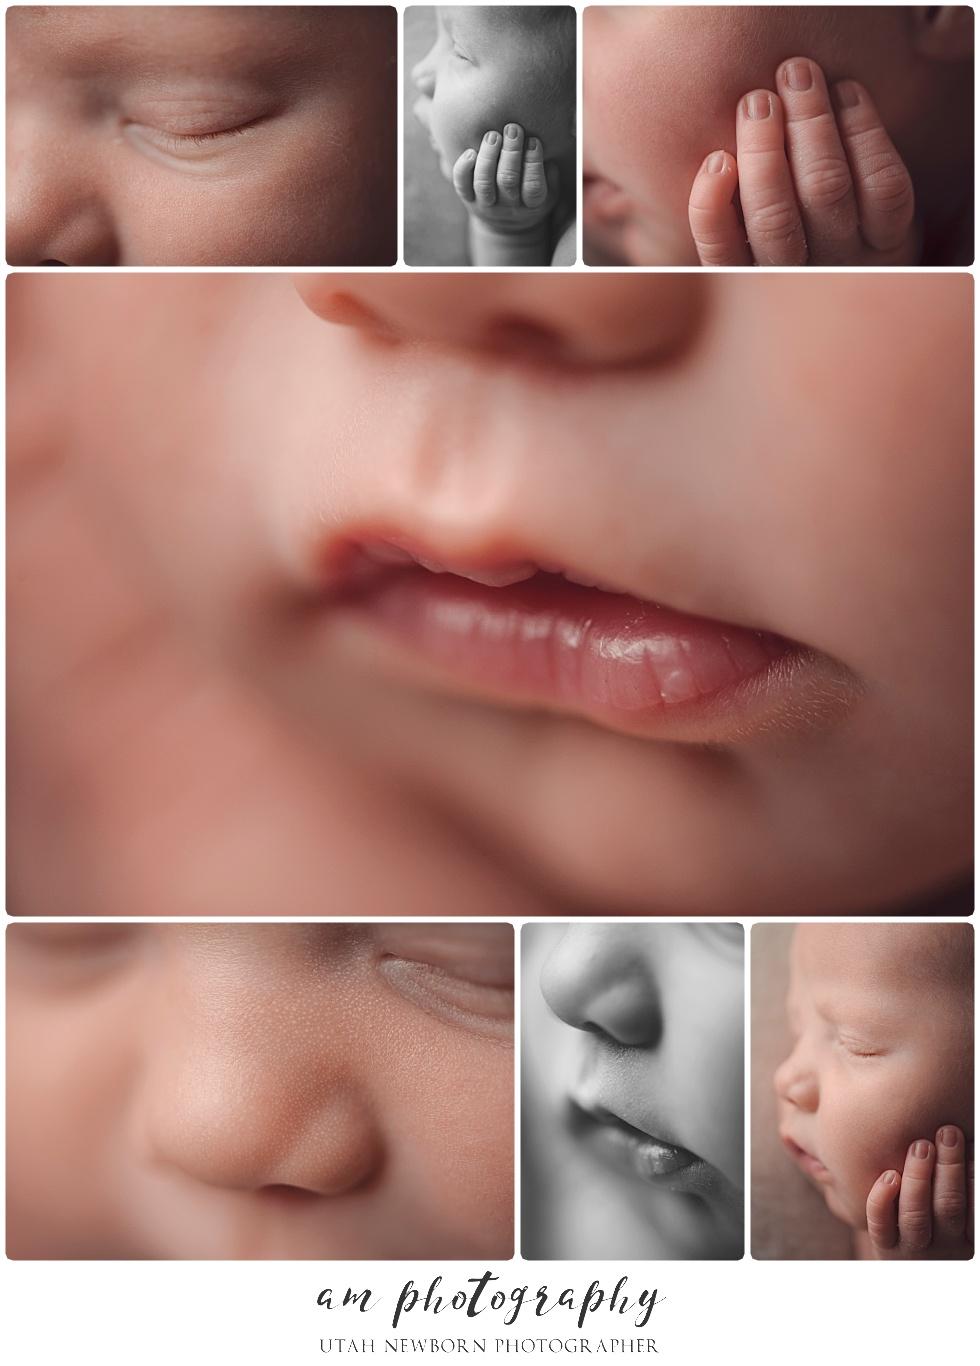 photos of newborn baby details